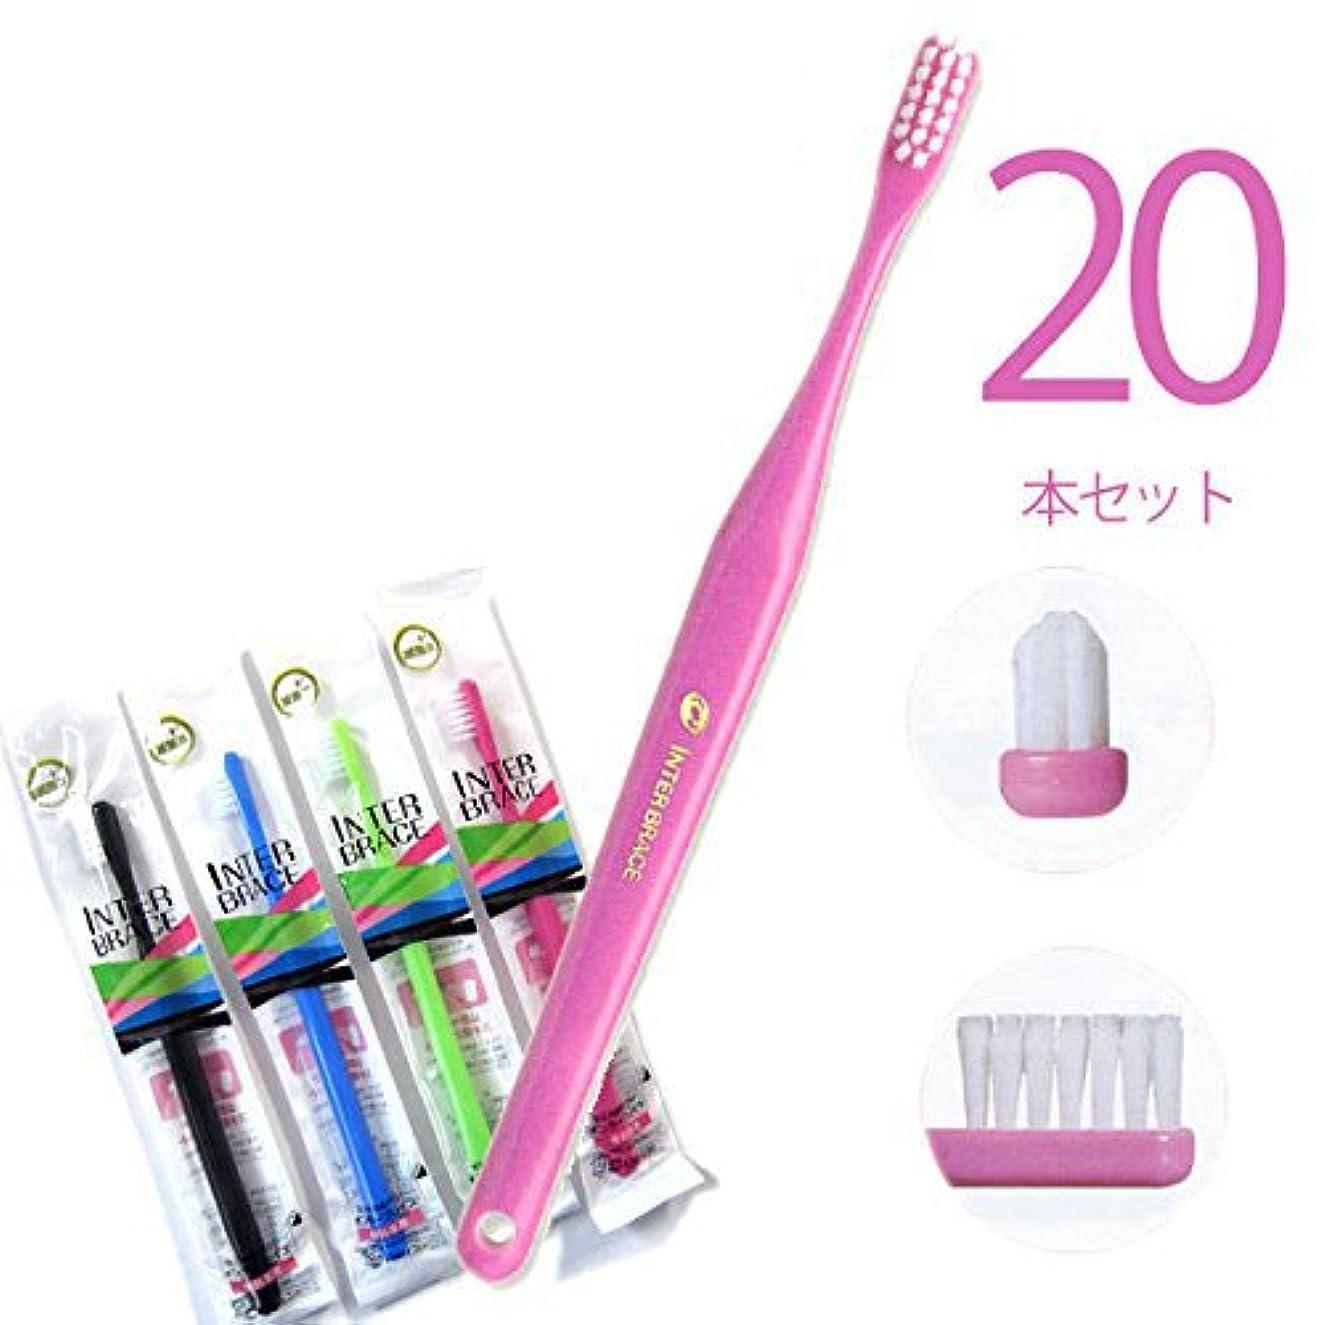 覗くのぞき見安定インターブレイス インターブレイス 矯正用山型 歯ブラシ 20本セット